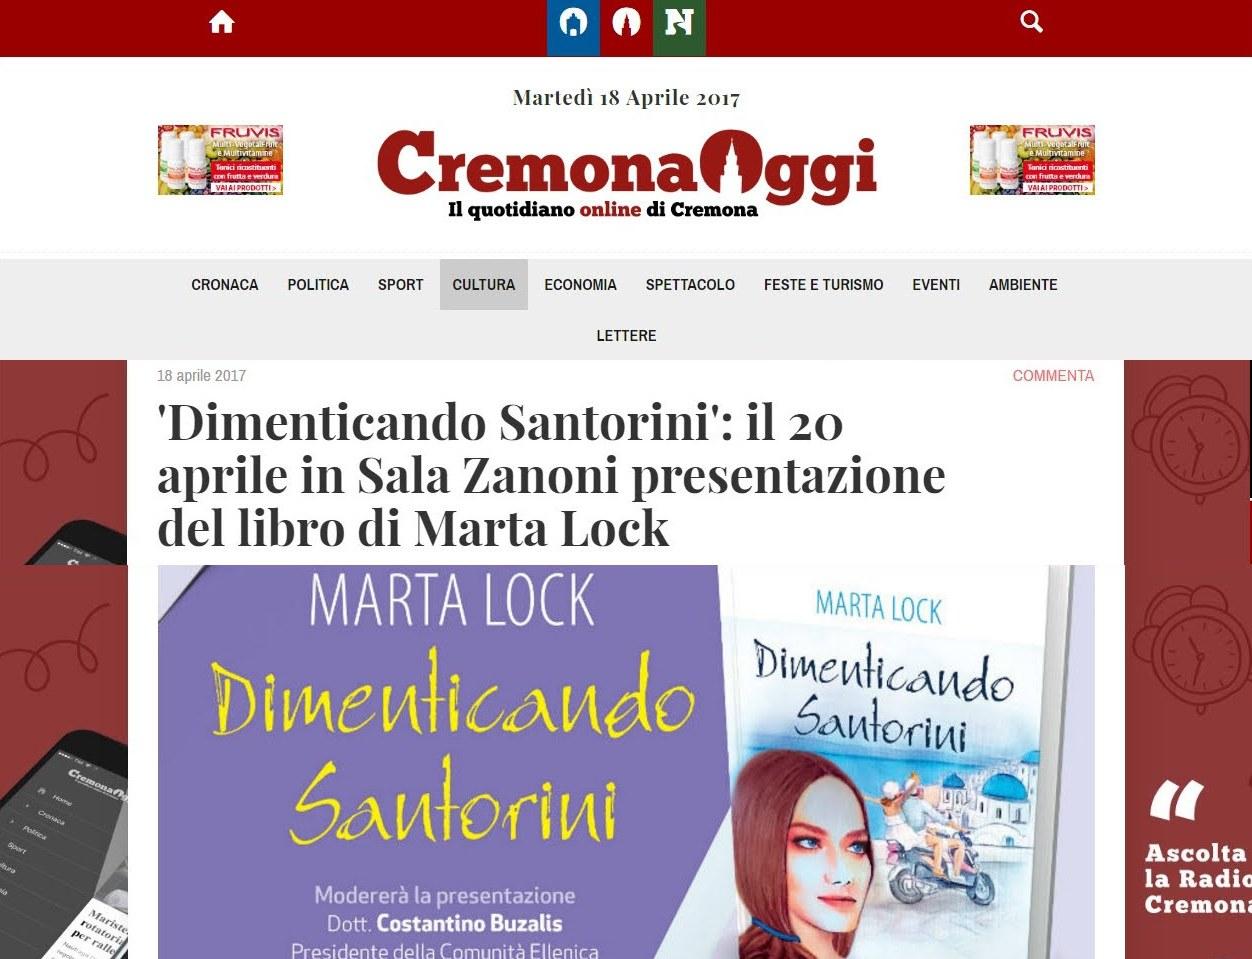 Cremona Oggi